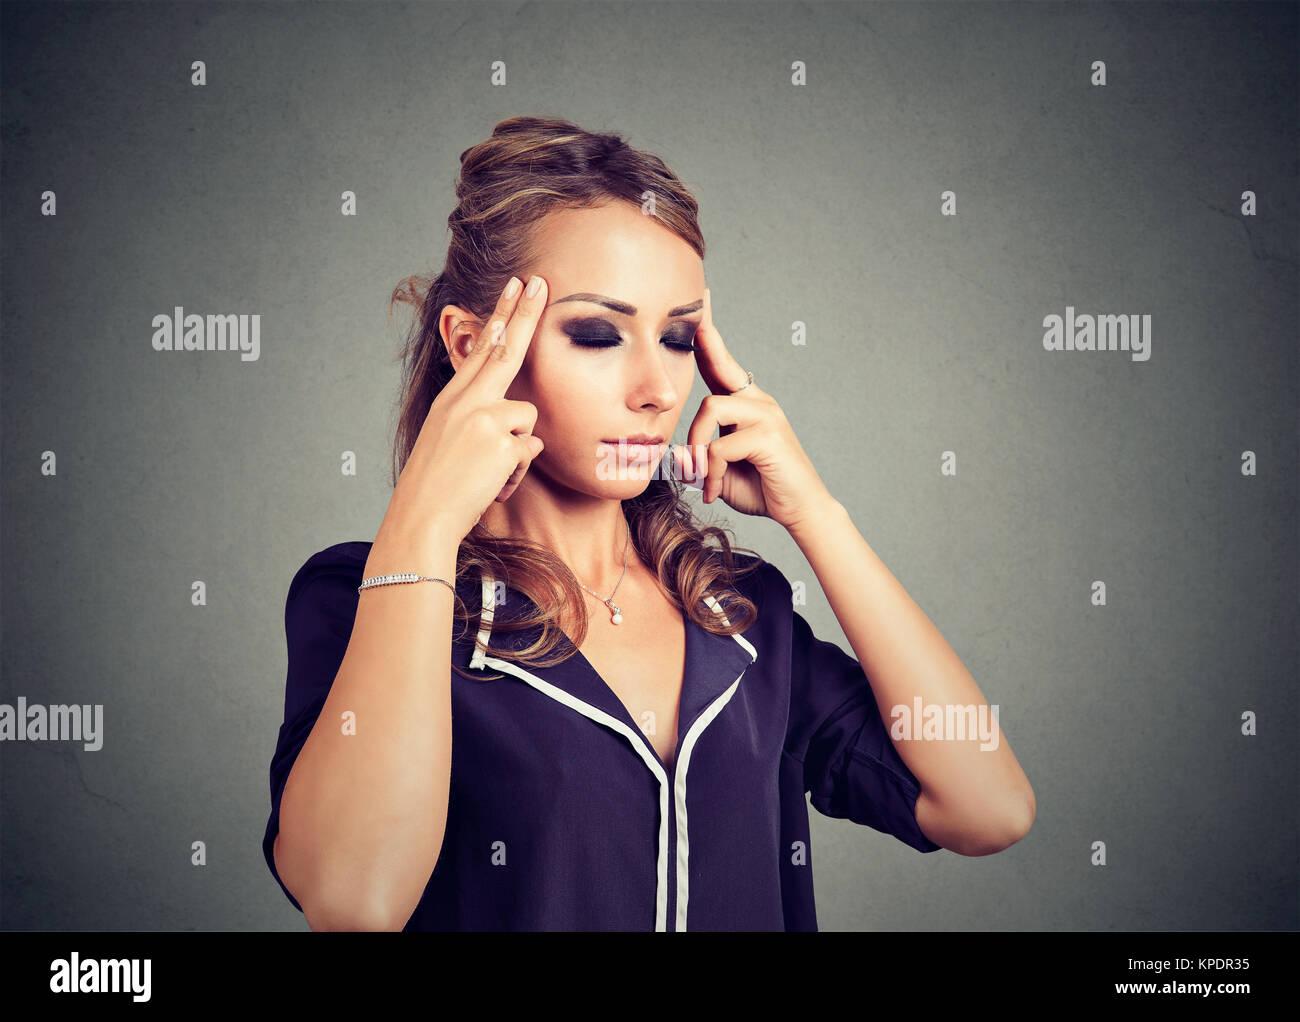 Joven Mujer concentrada rozando los templos buscando agotado y abrumado. Imagen De Stock